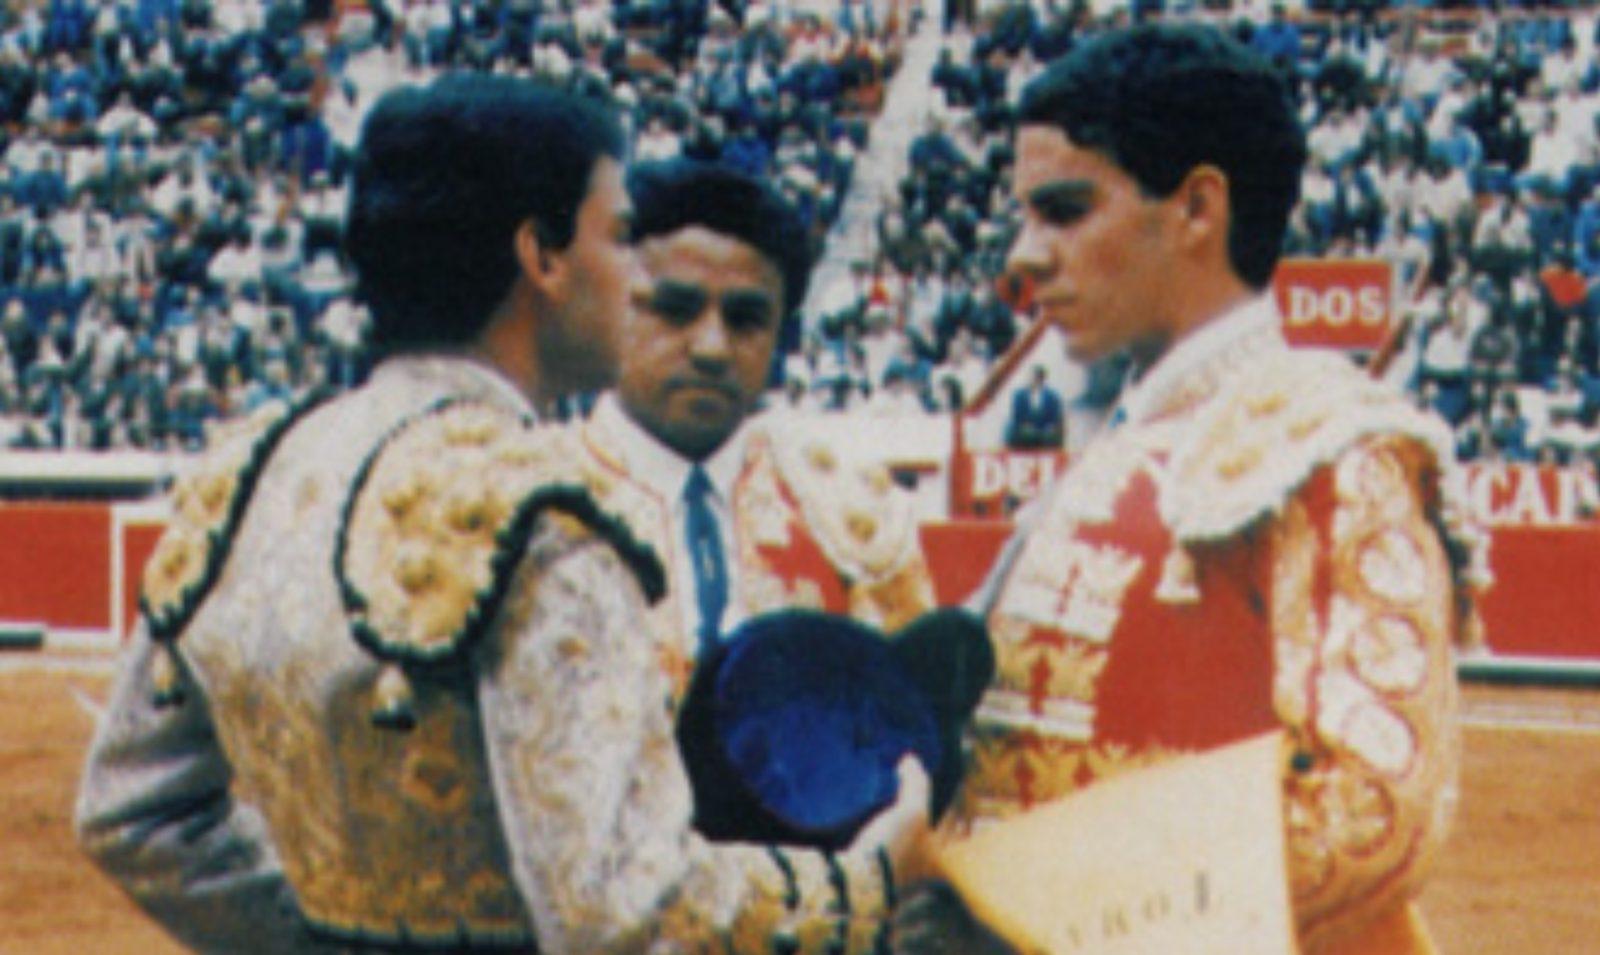 10 décembre 1995 – L'alternative d'un torero d'époque : José Tomas